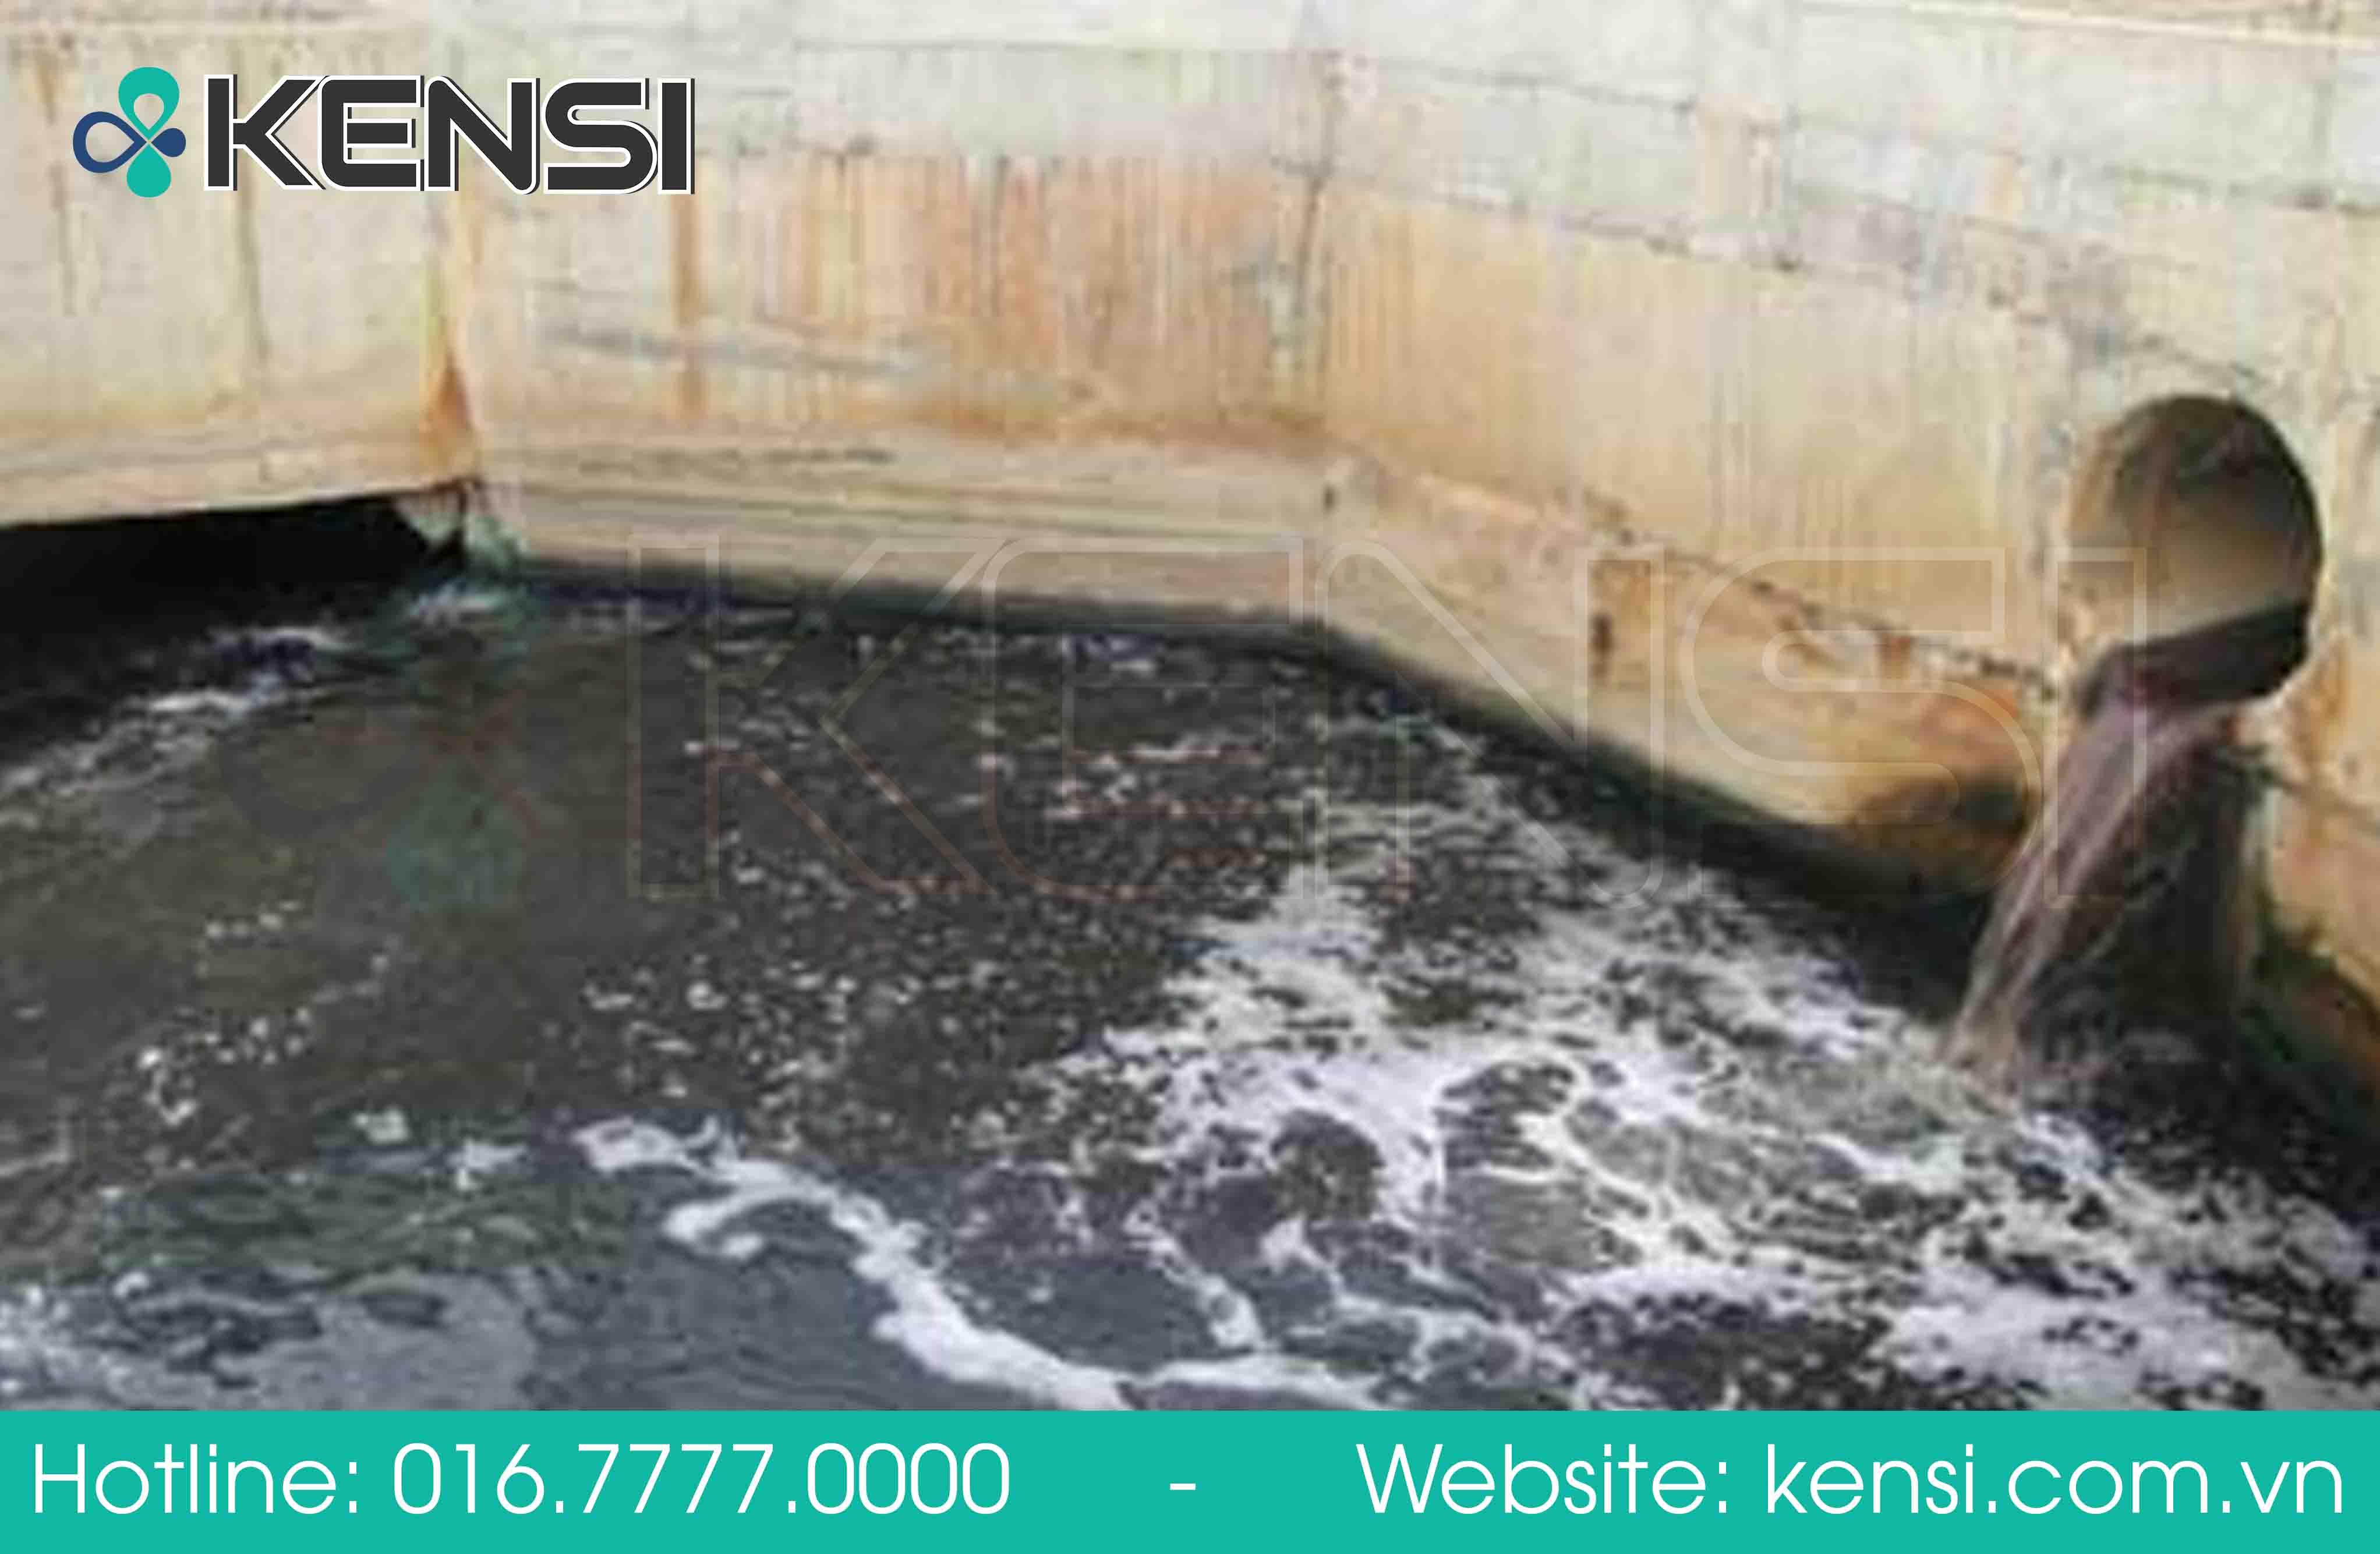 Đảm bảo sản phẩm máy lọc nước đạt chuẩn, mang lại nguồn nước siêu sạch đạt quy định